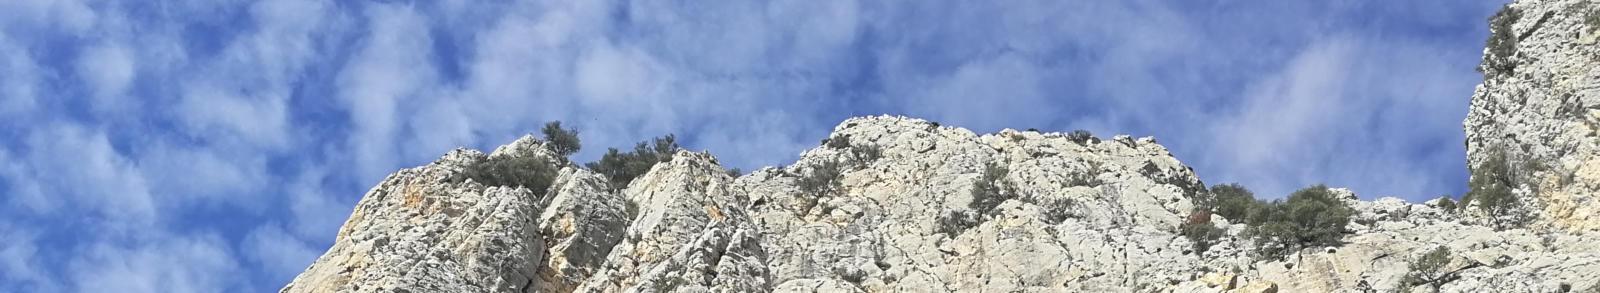 Interessante Themen rund ums Klettern